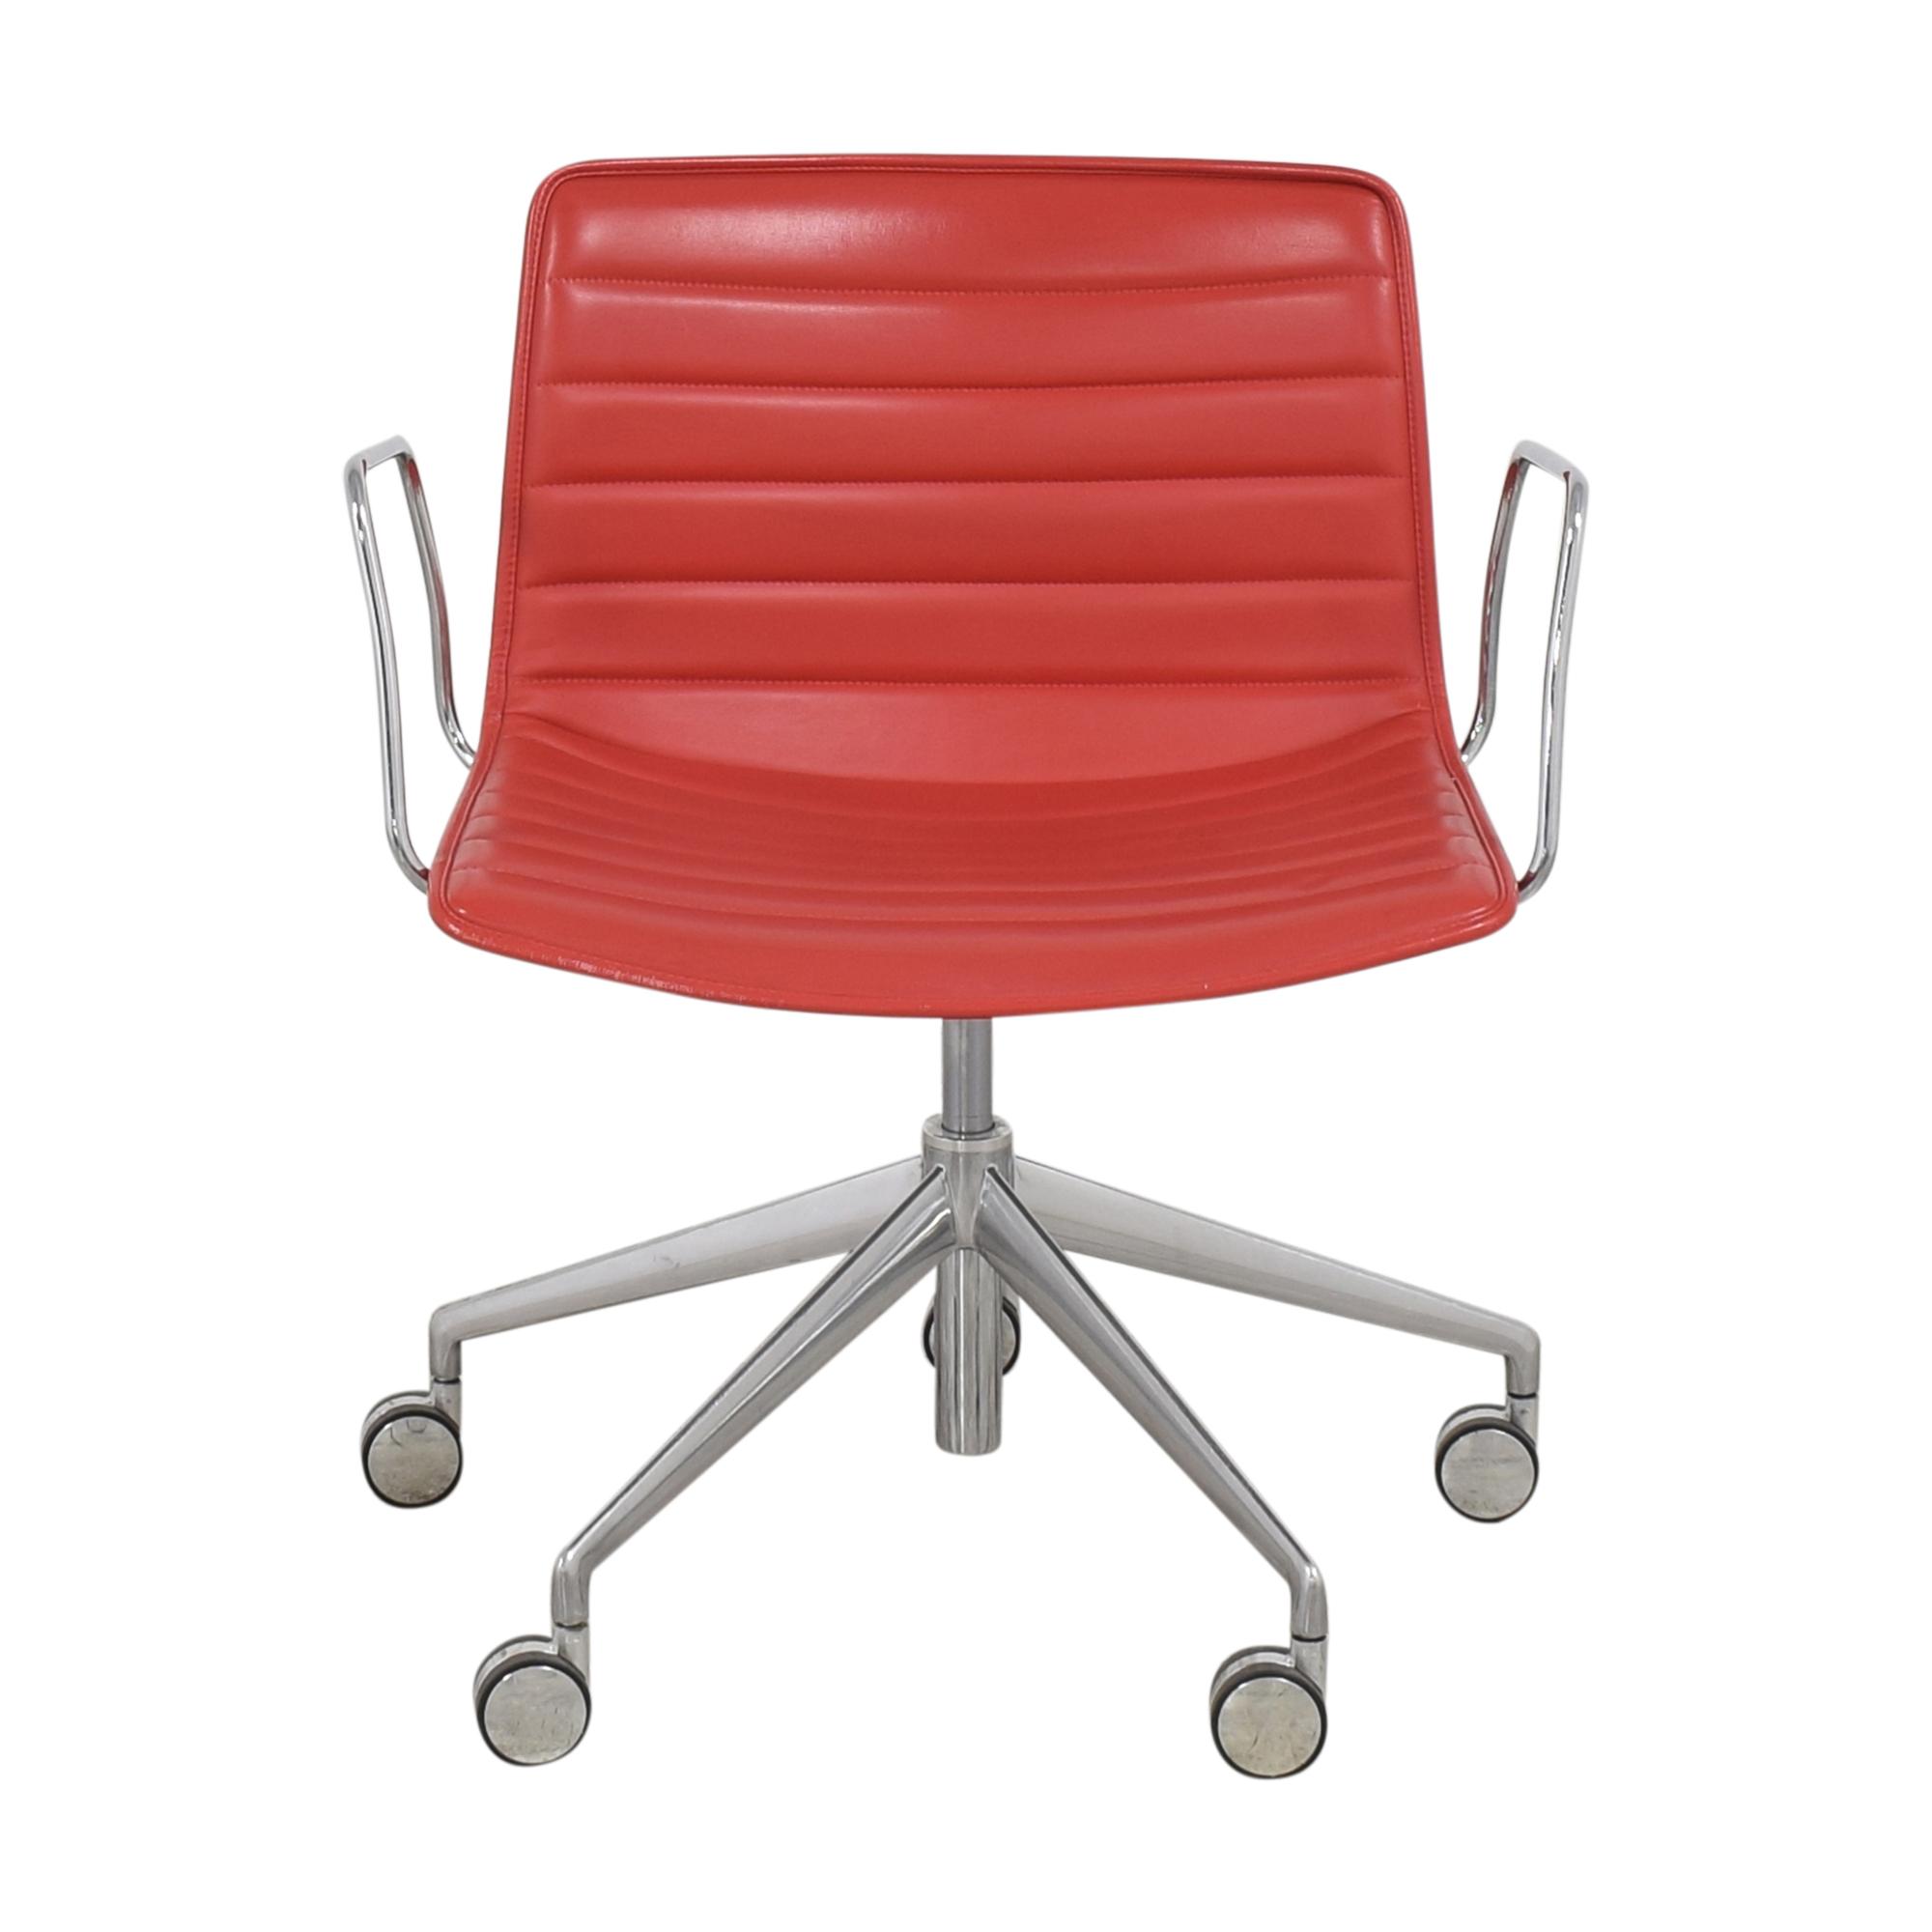 Gordon International Gordon International Catifa Arm Chair Chairs